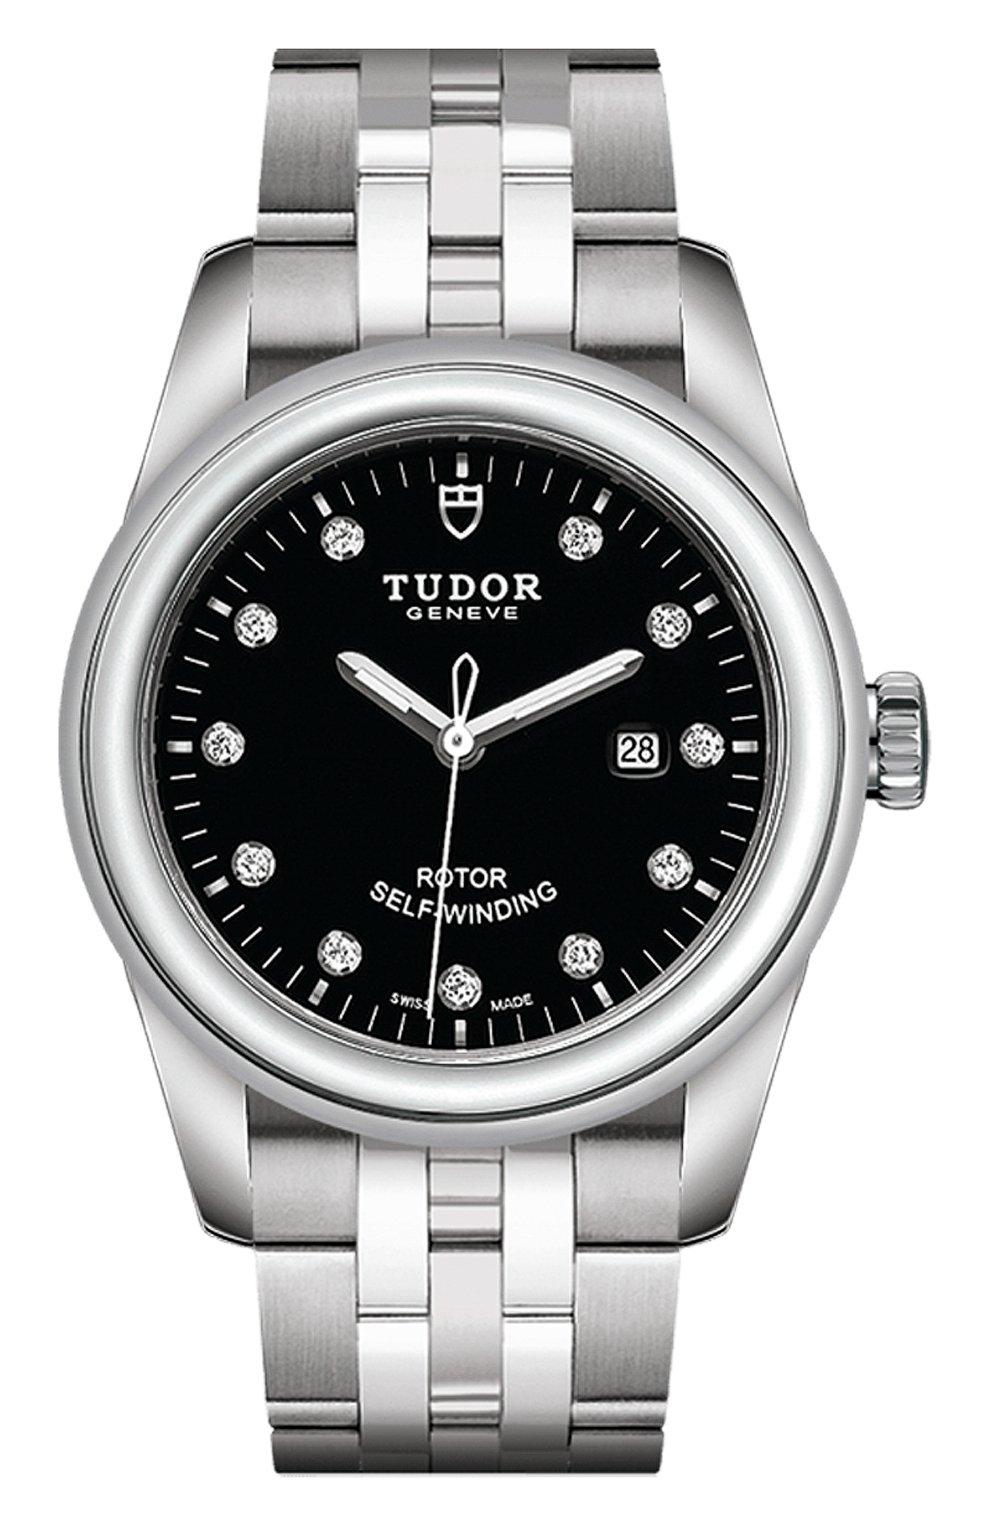 Женские часы glamour date TUDOR бесцветного цвета, арт. 53000/68030/BLACK 11 DIAM | Фото 1 (Механизм: Автомат; Материал корпуса: Сталь; Цвет циферблата: Чёрный)